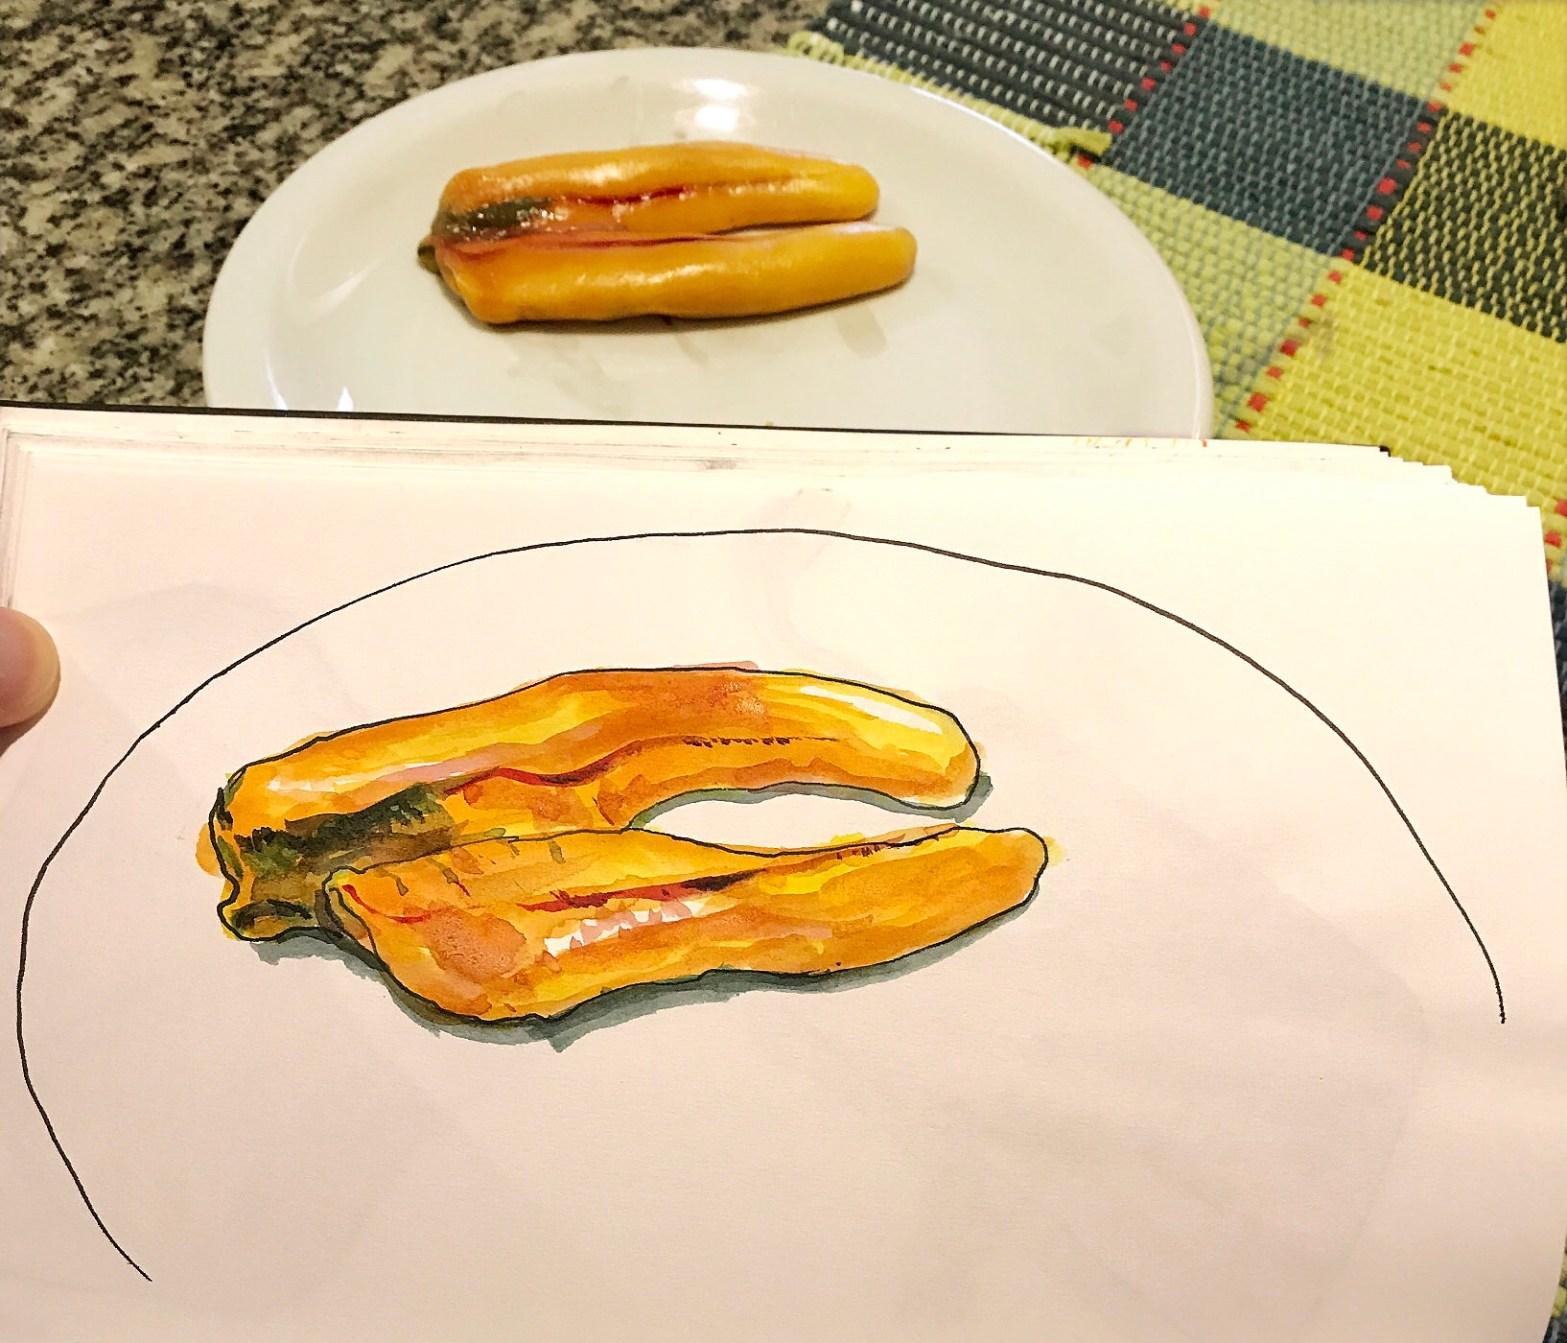 Página do caderno com desenho em aquarela de ovas de tainha. Ao fundo, prato com as ovas que autor usou como modelo